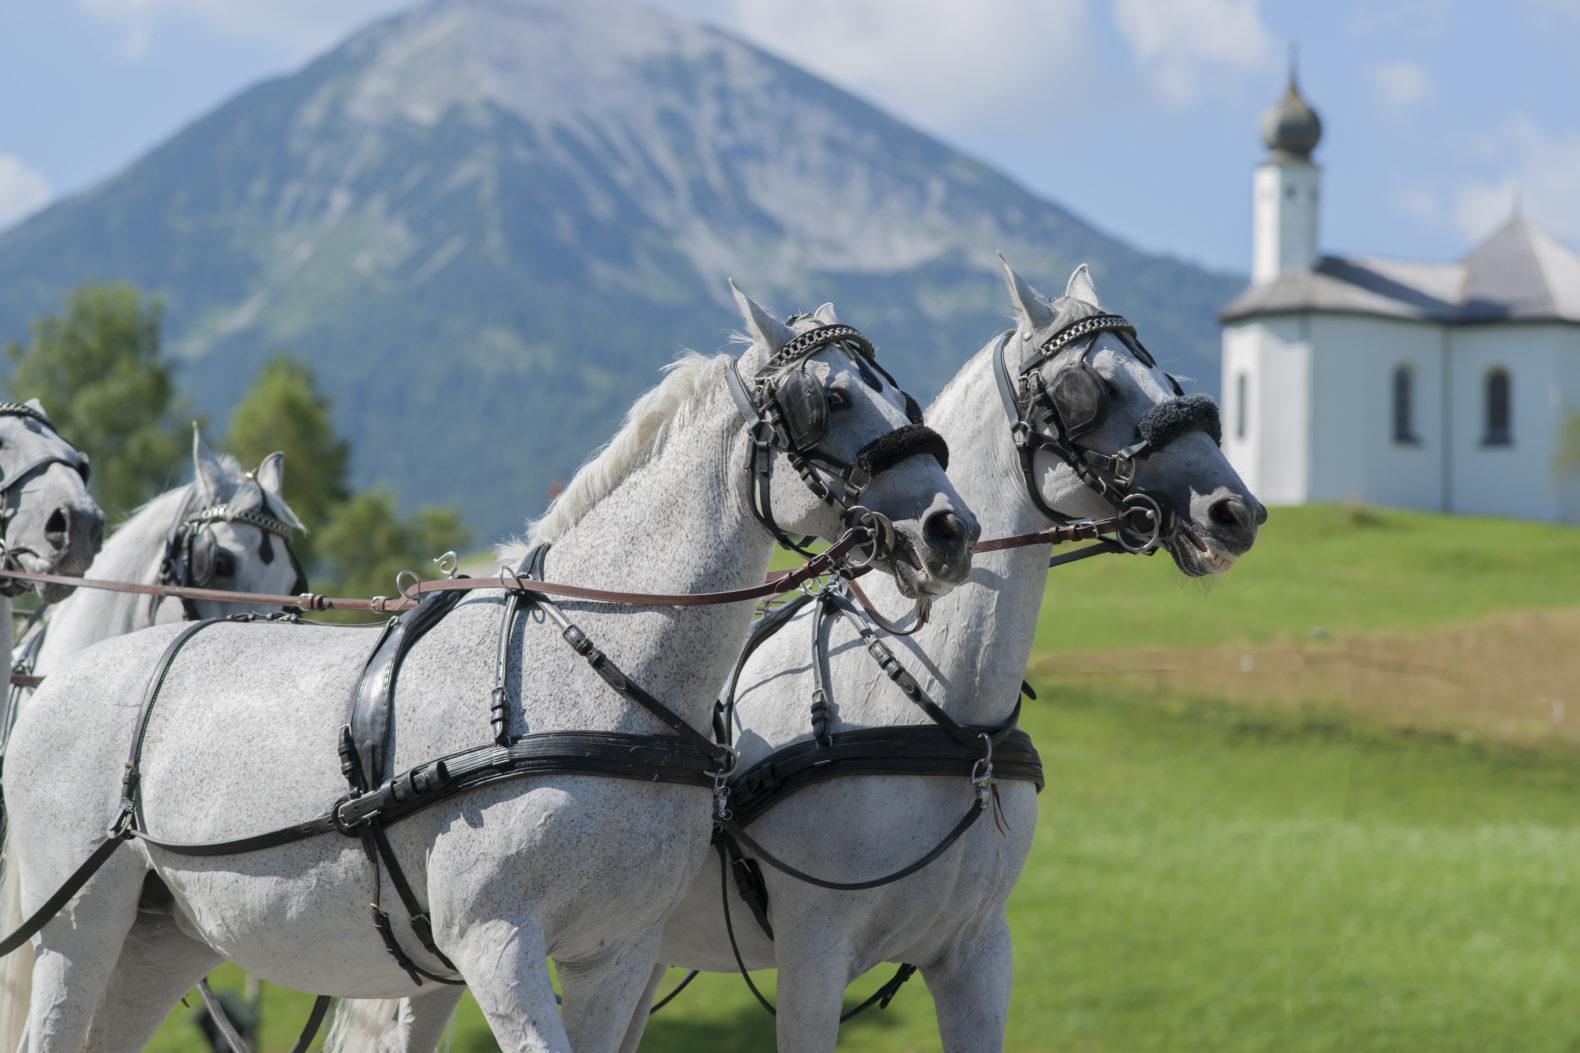 white-horses-carrier-mountain-tour-alps-posthotel-achenkirch-austria-1.jpg